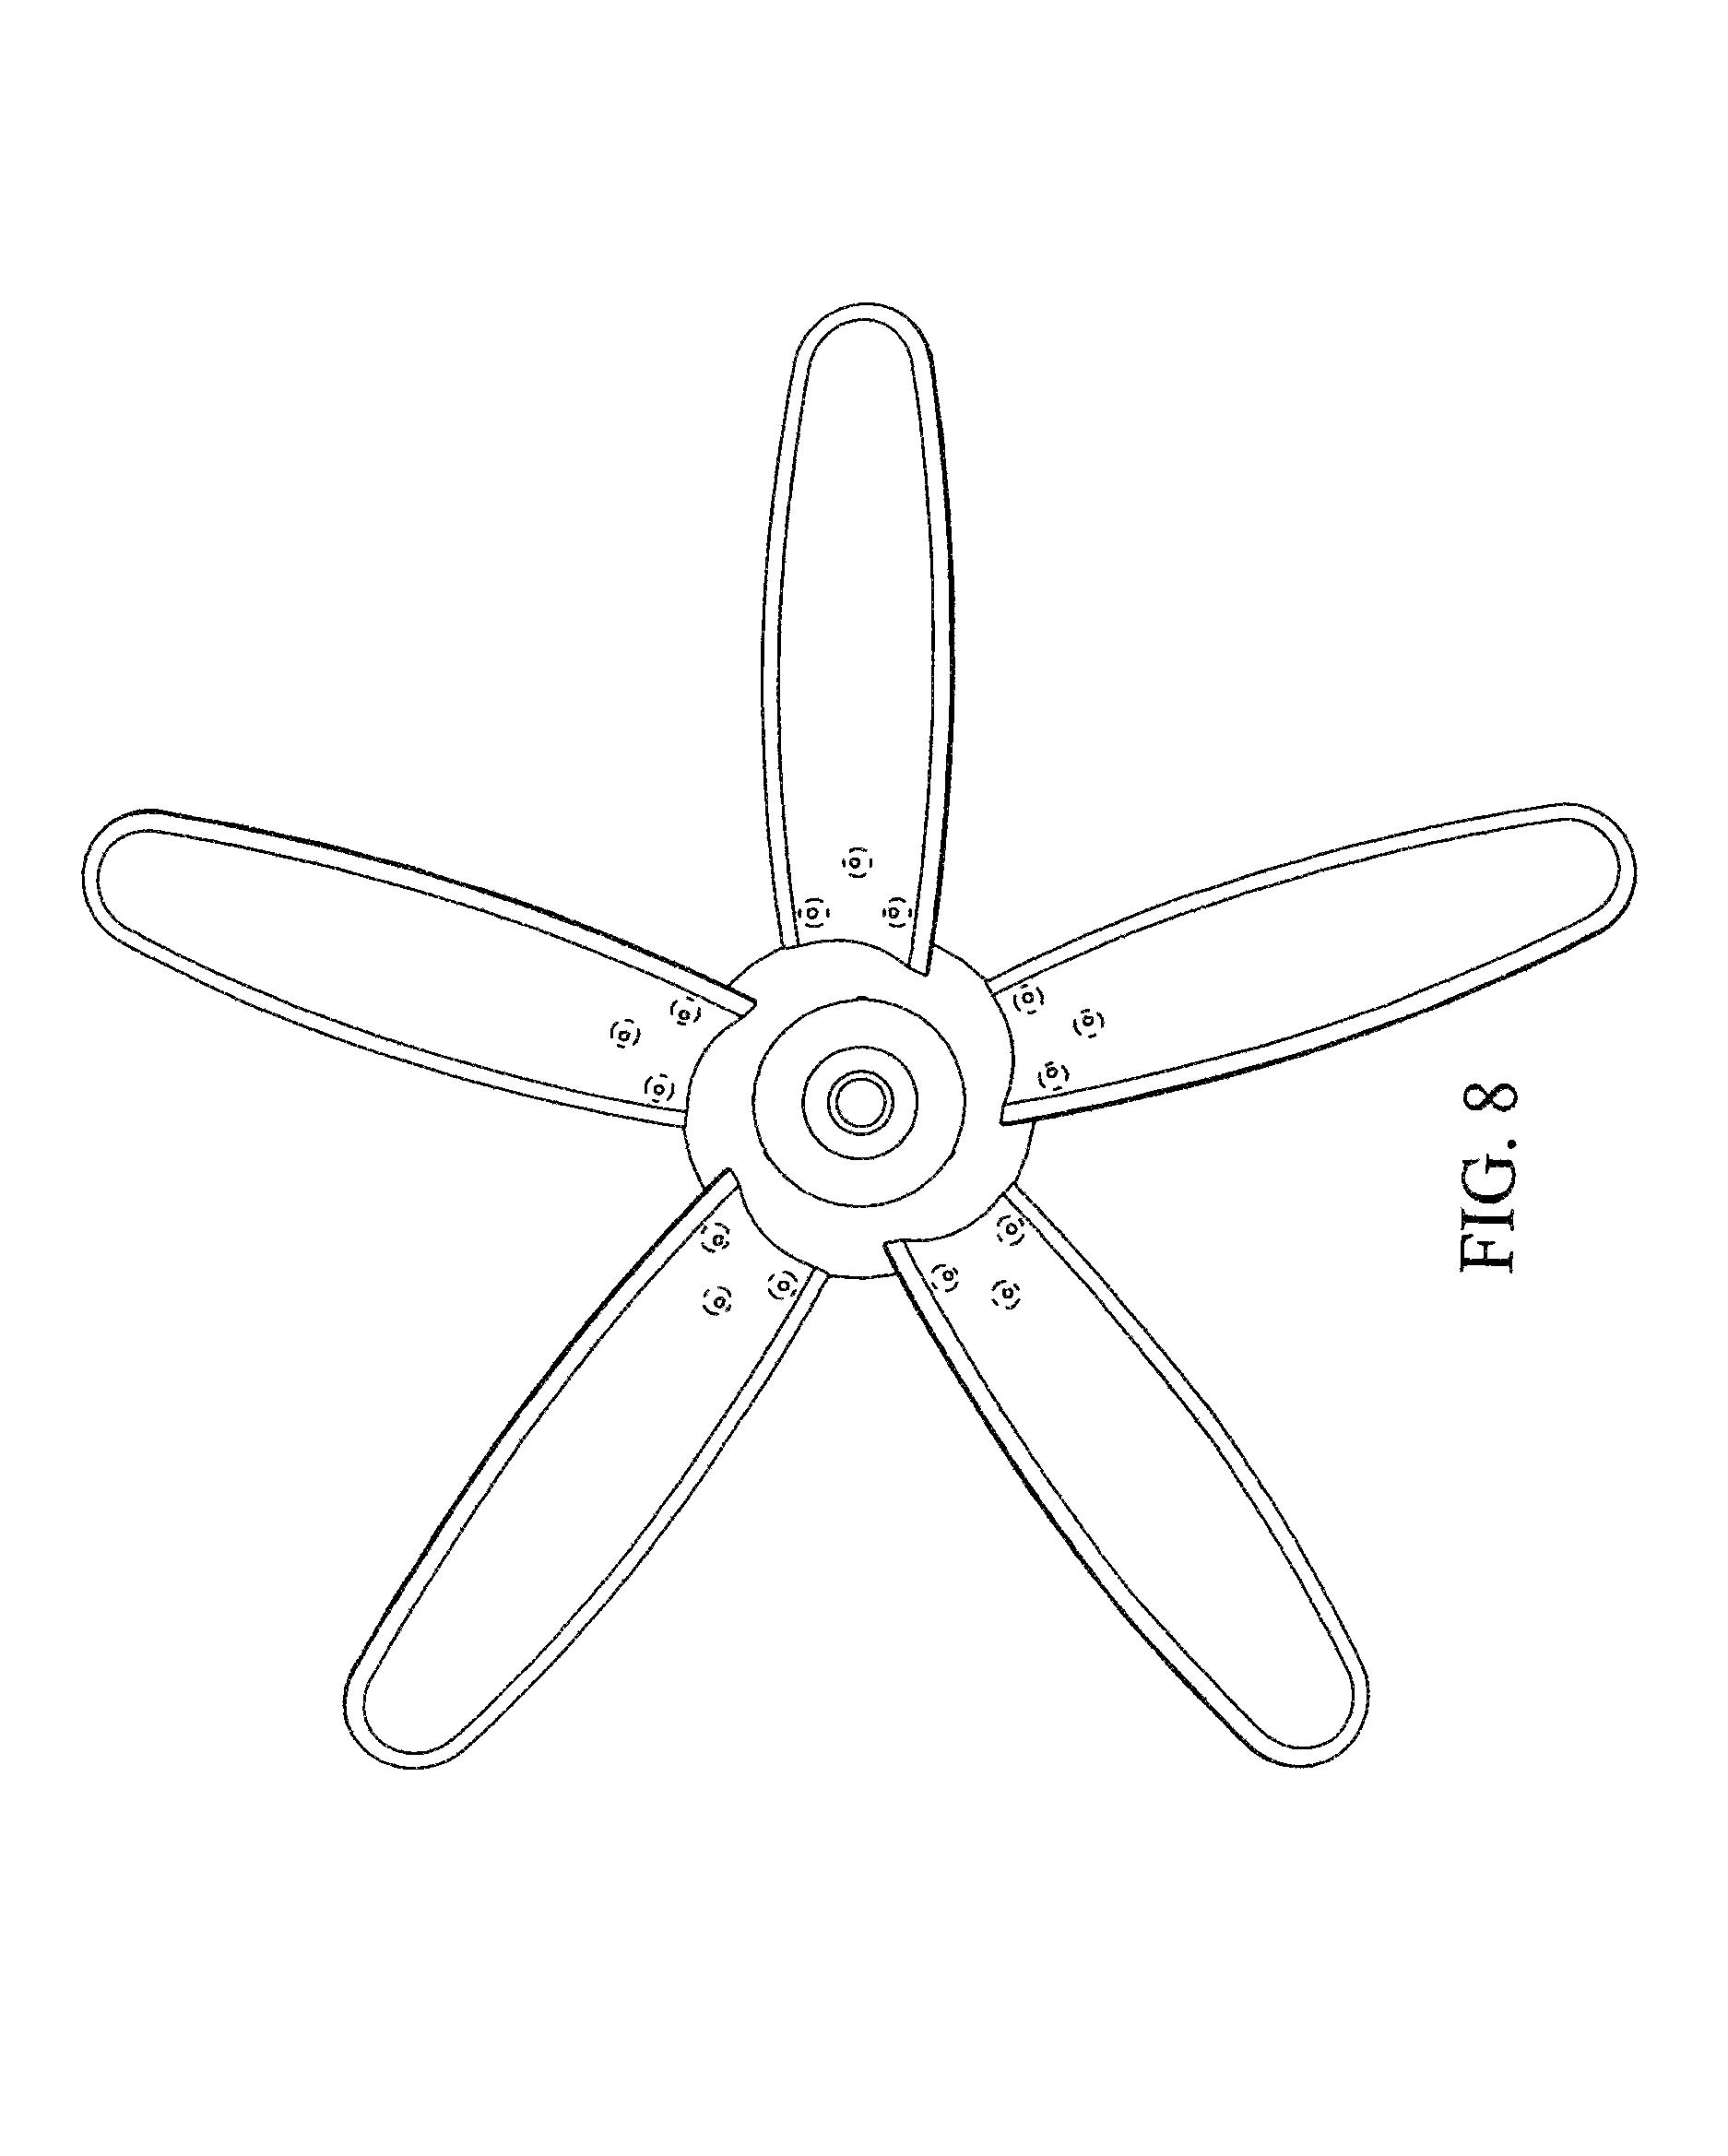 Ceiling Fan Drawing : Ceiling fan drawing theteenline